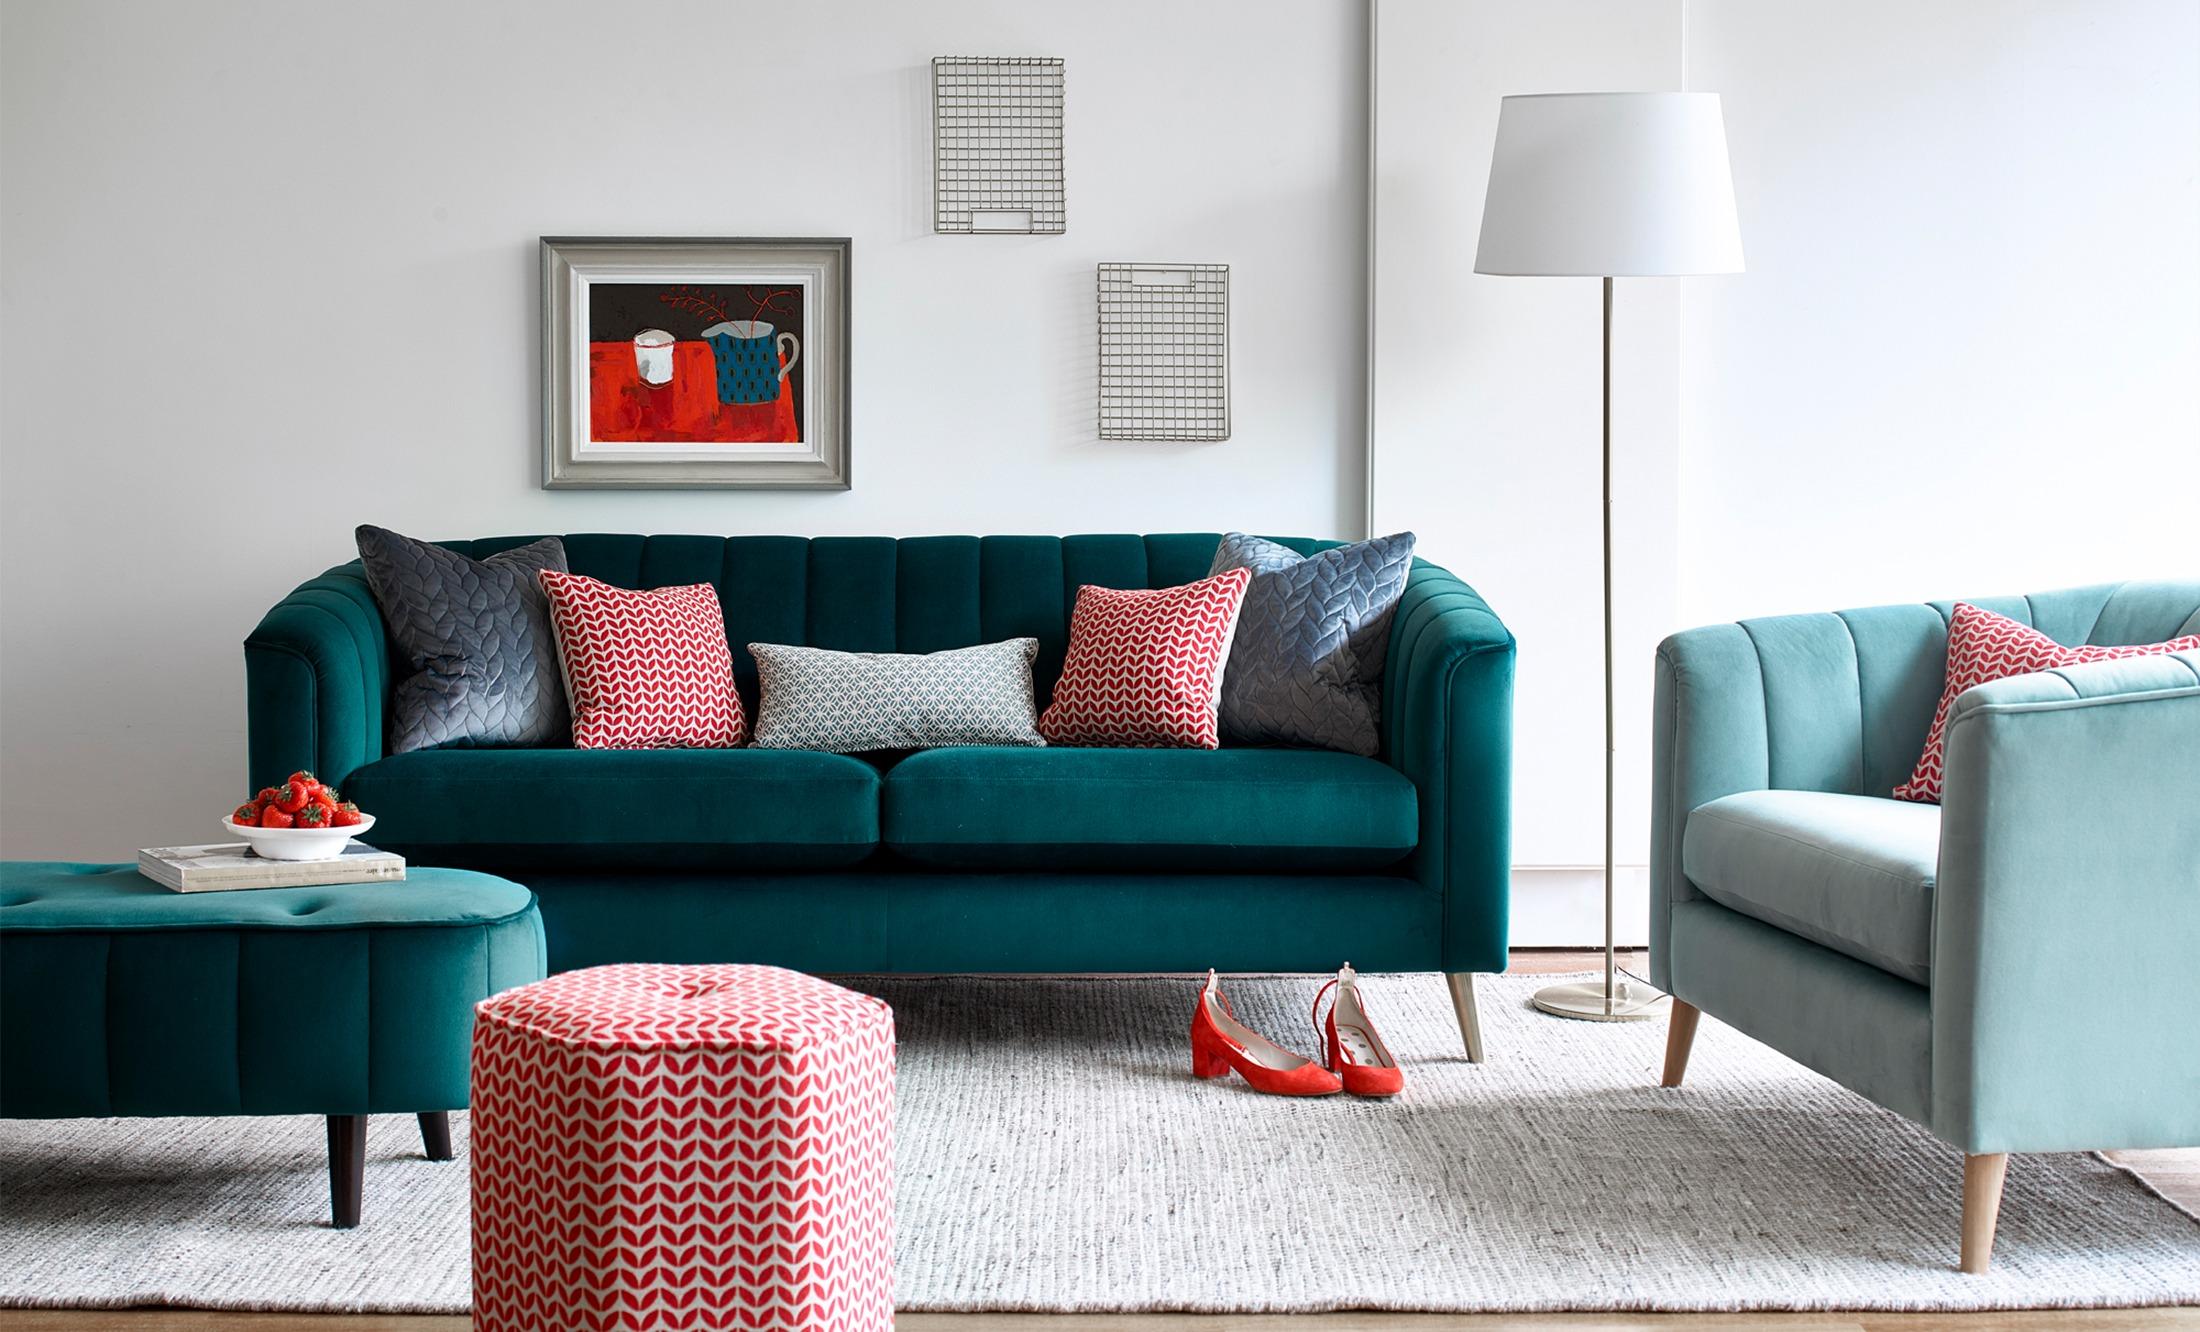 FABRIC SOFAS - Alderford Interiors